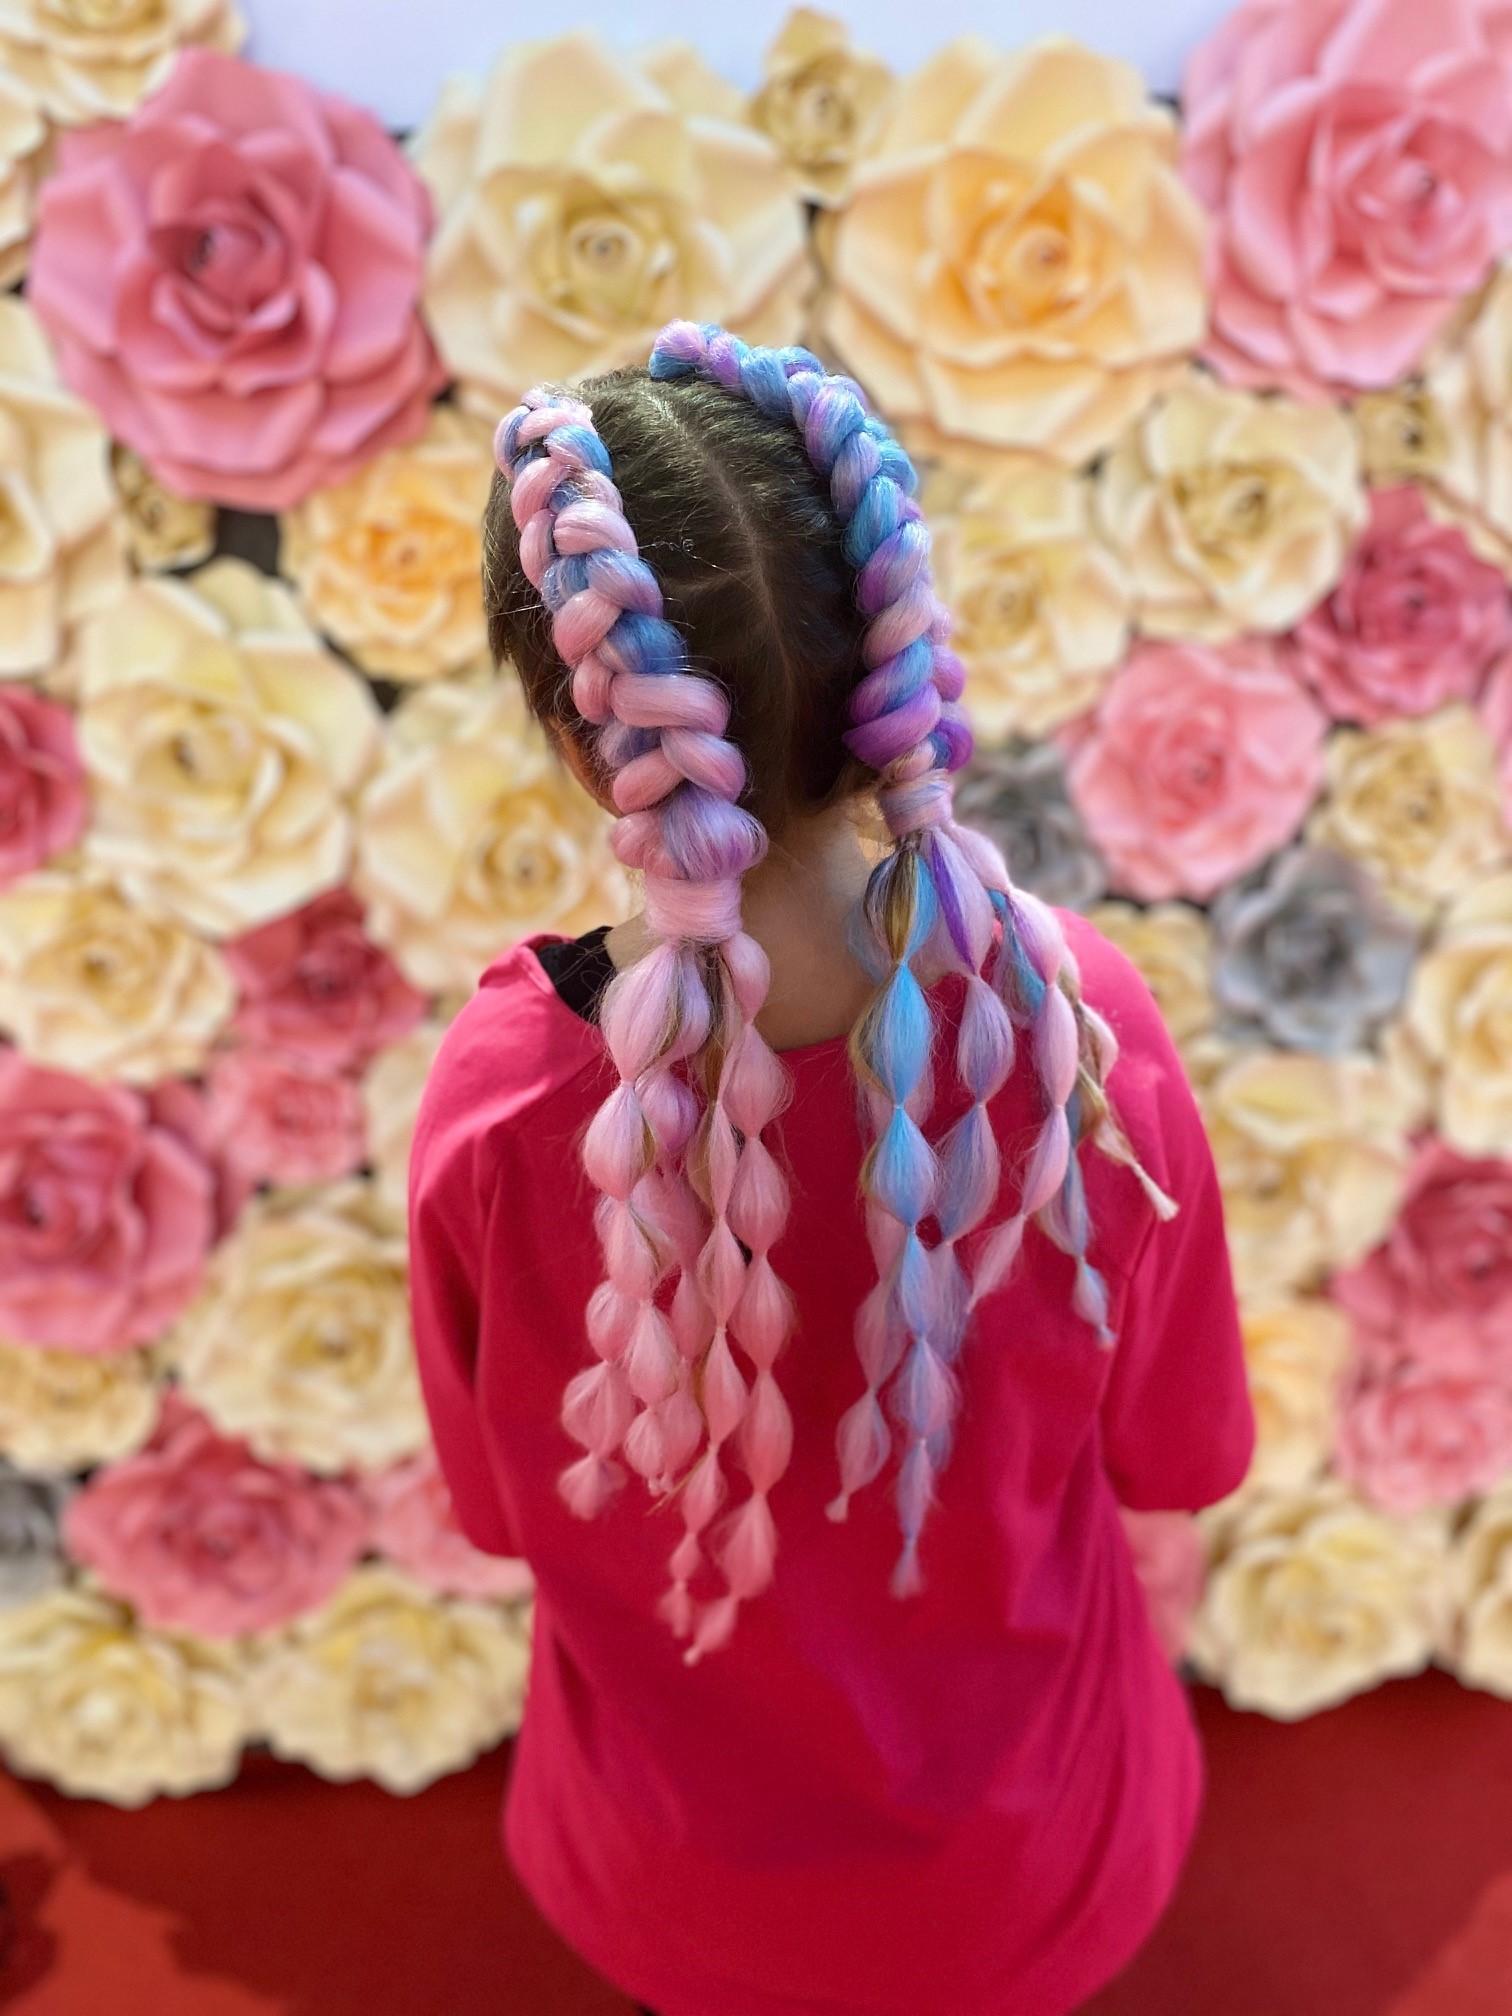 Pokud chcete zaujmout nejen výkonem v sedle kola, můžete do účestu přidat kanekalon, syntetické vlasy nejrůznějších barev. Foto: archiv